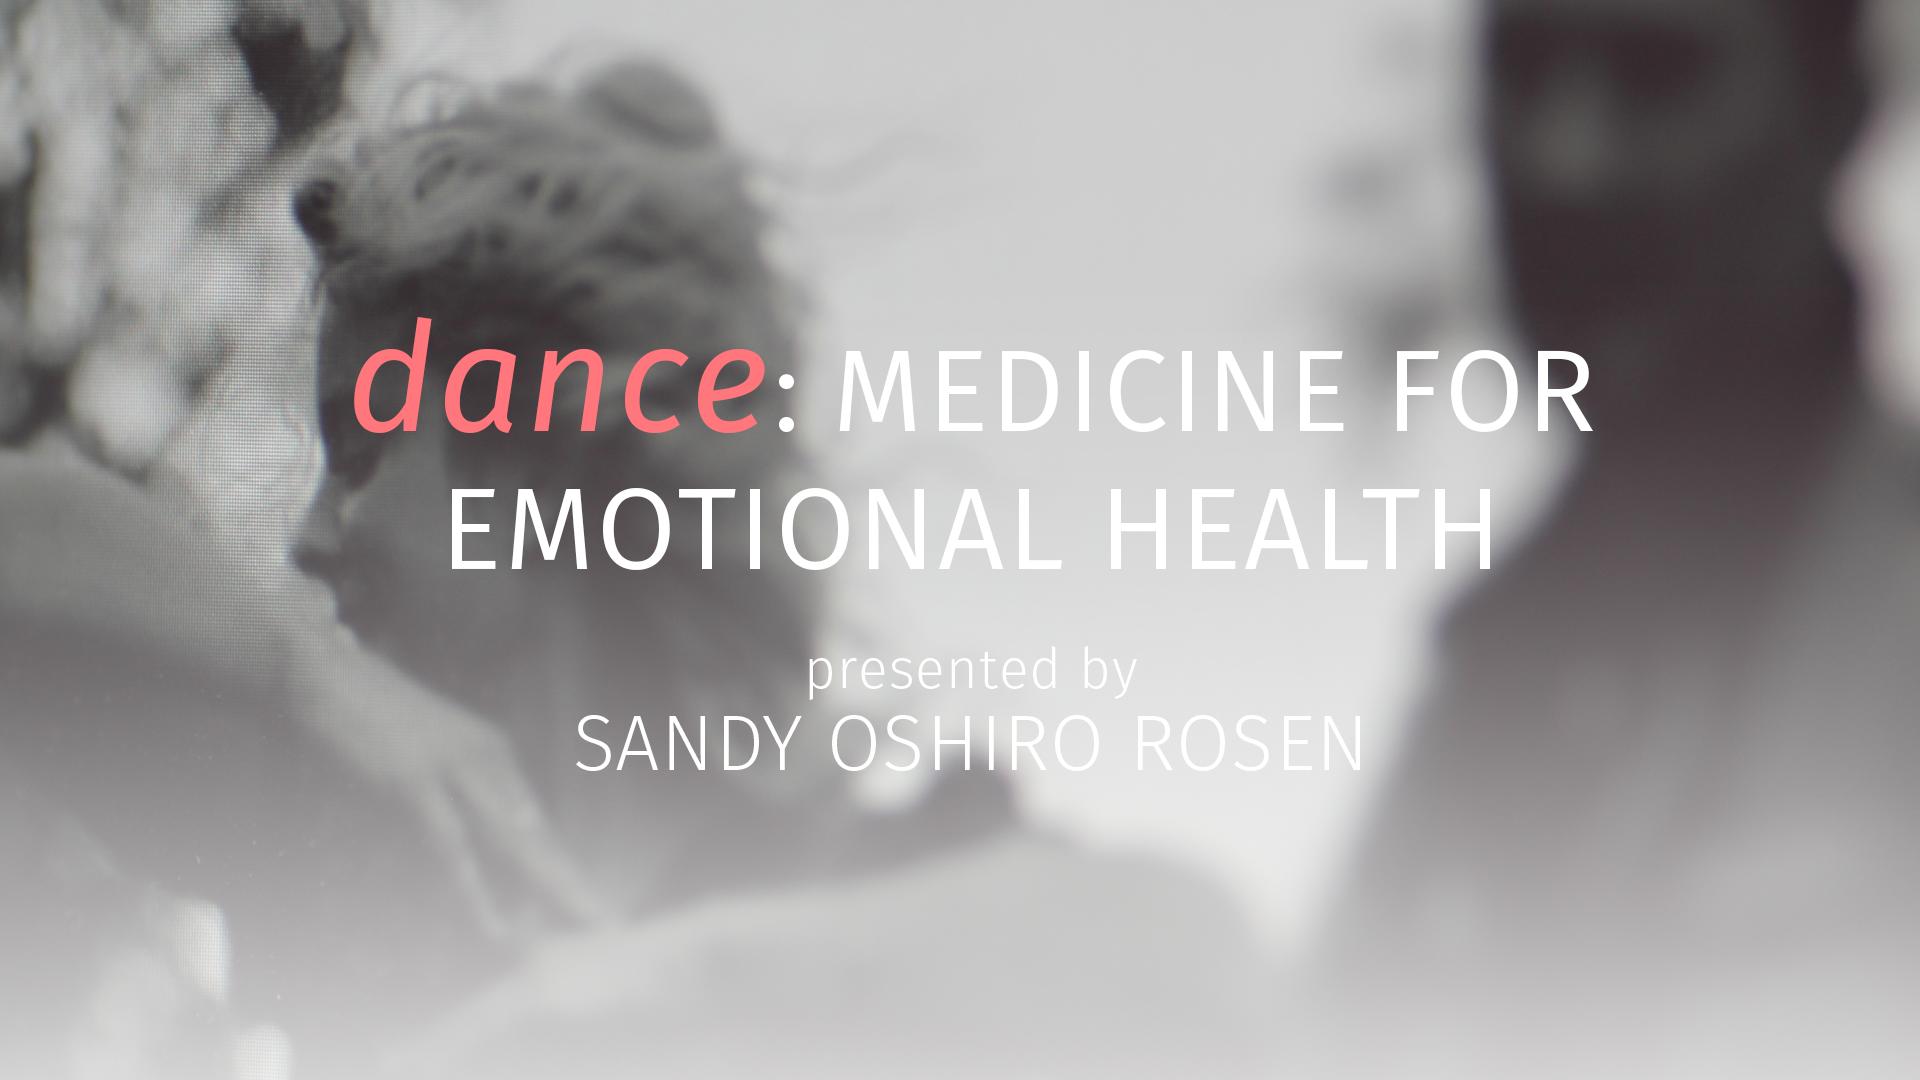 Dance: Medicine for Emotional Health